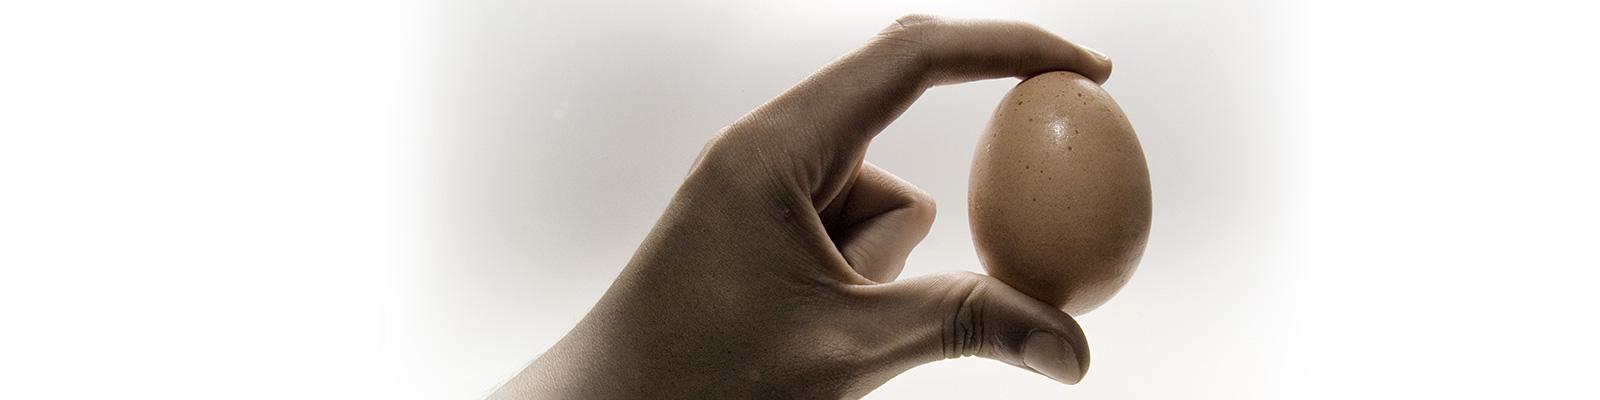 ハプティクス 卵 力加減 イメージ